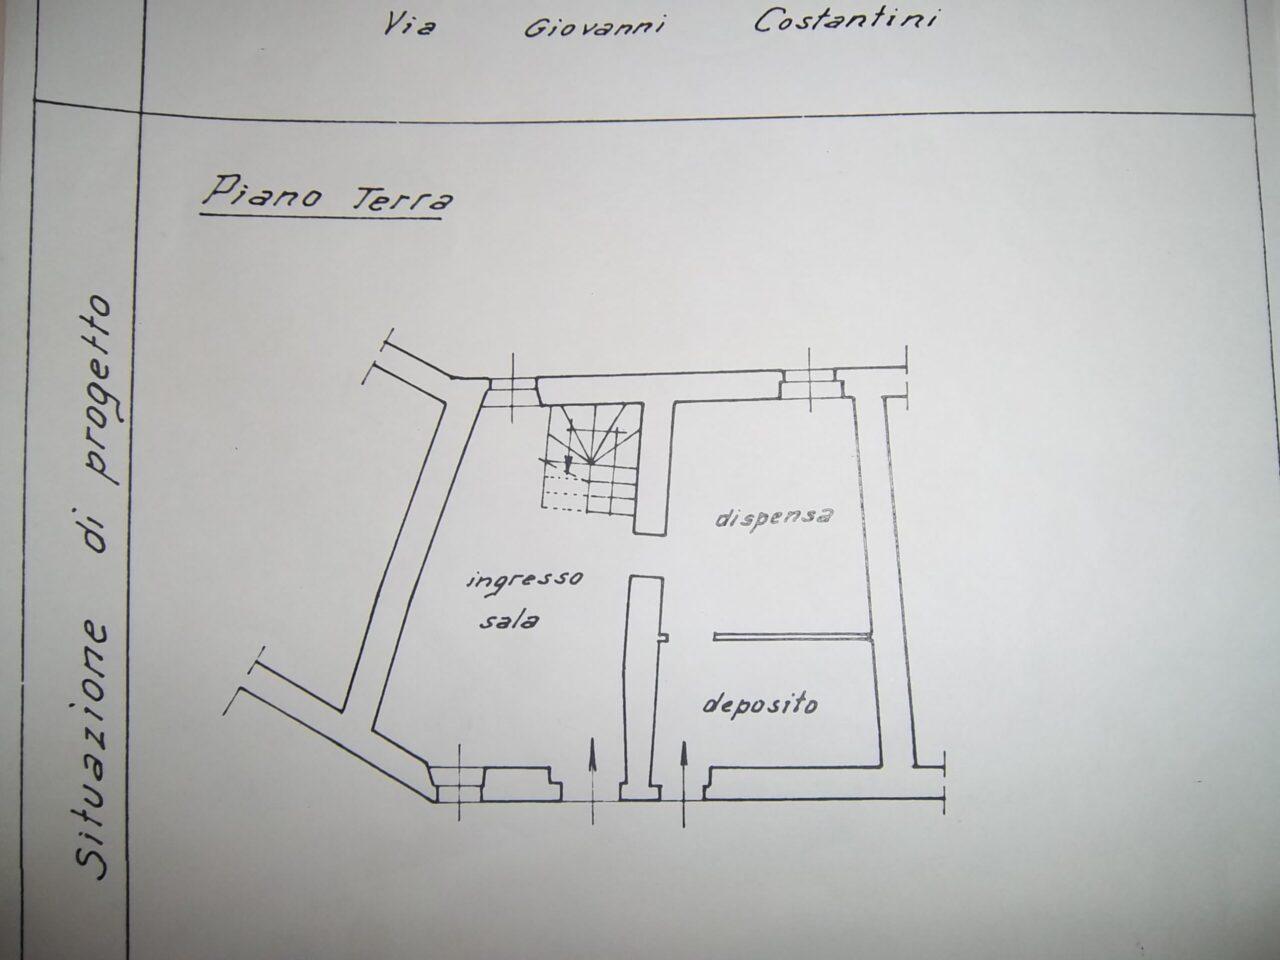 planimetria VRI 2273 BA 6